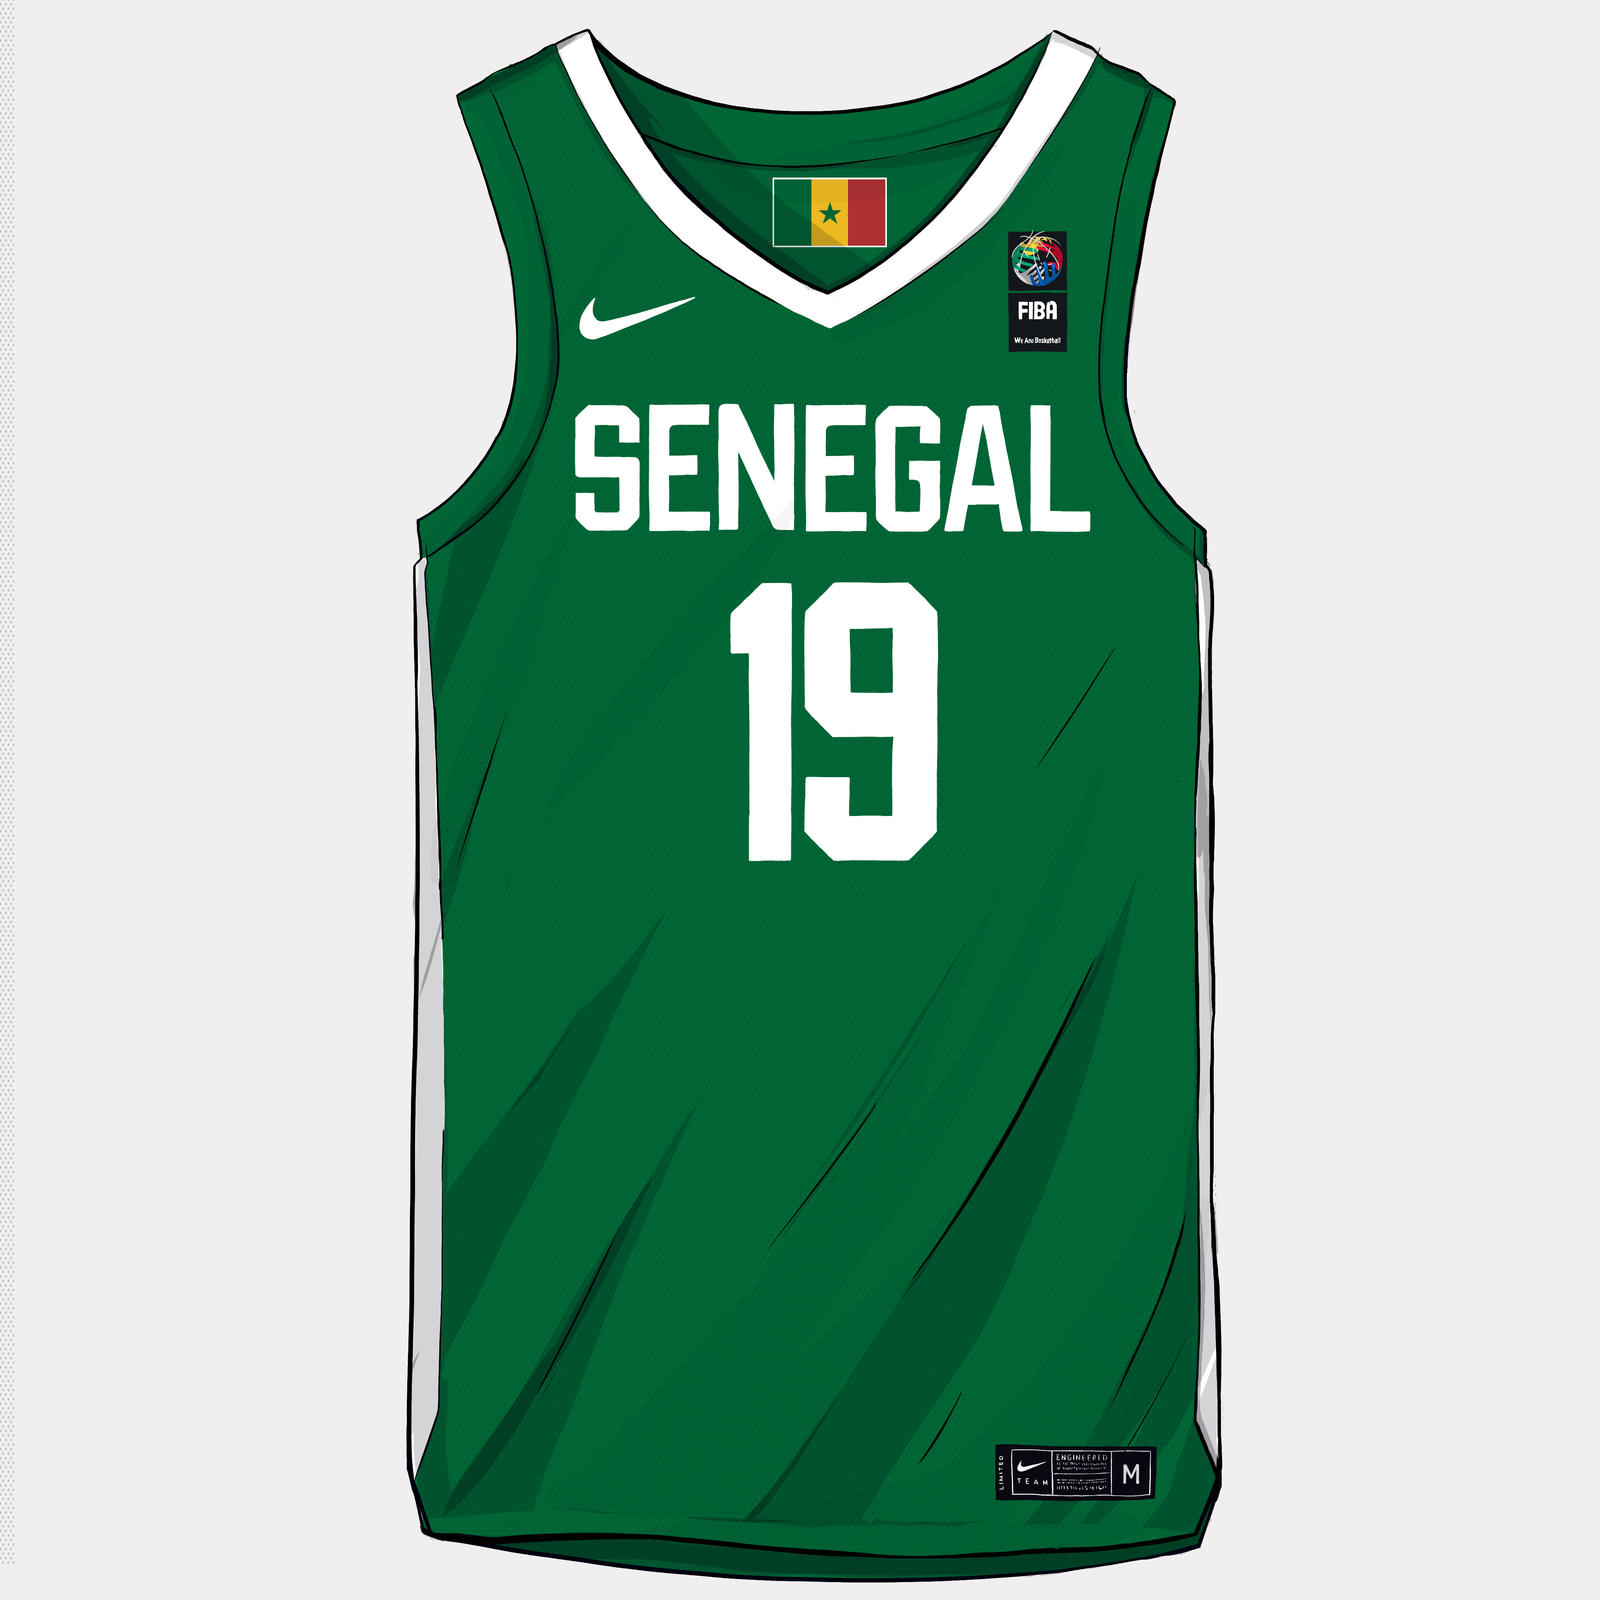 nike-news_senegal-national-team-kit-2019-illustration-1x1_1_89526.jpg